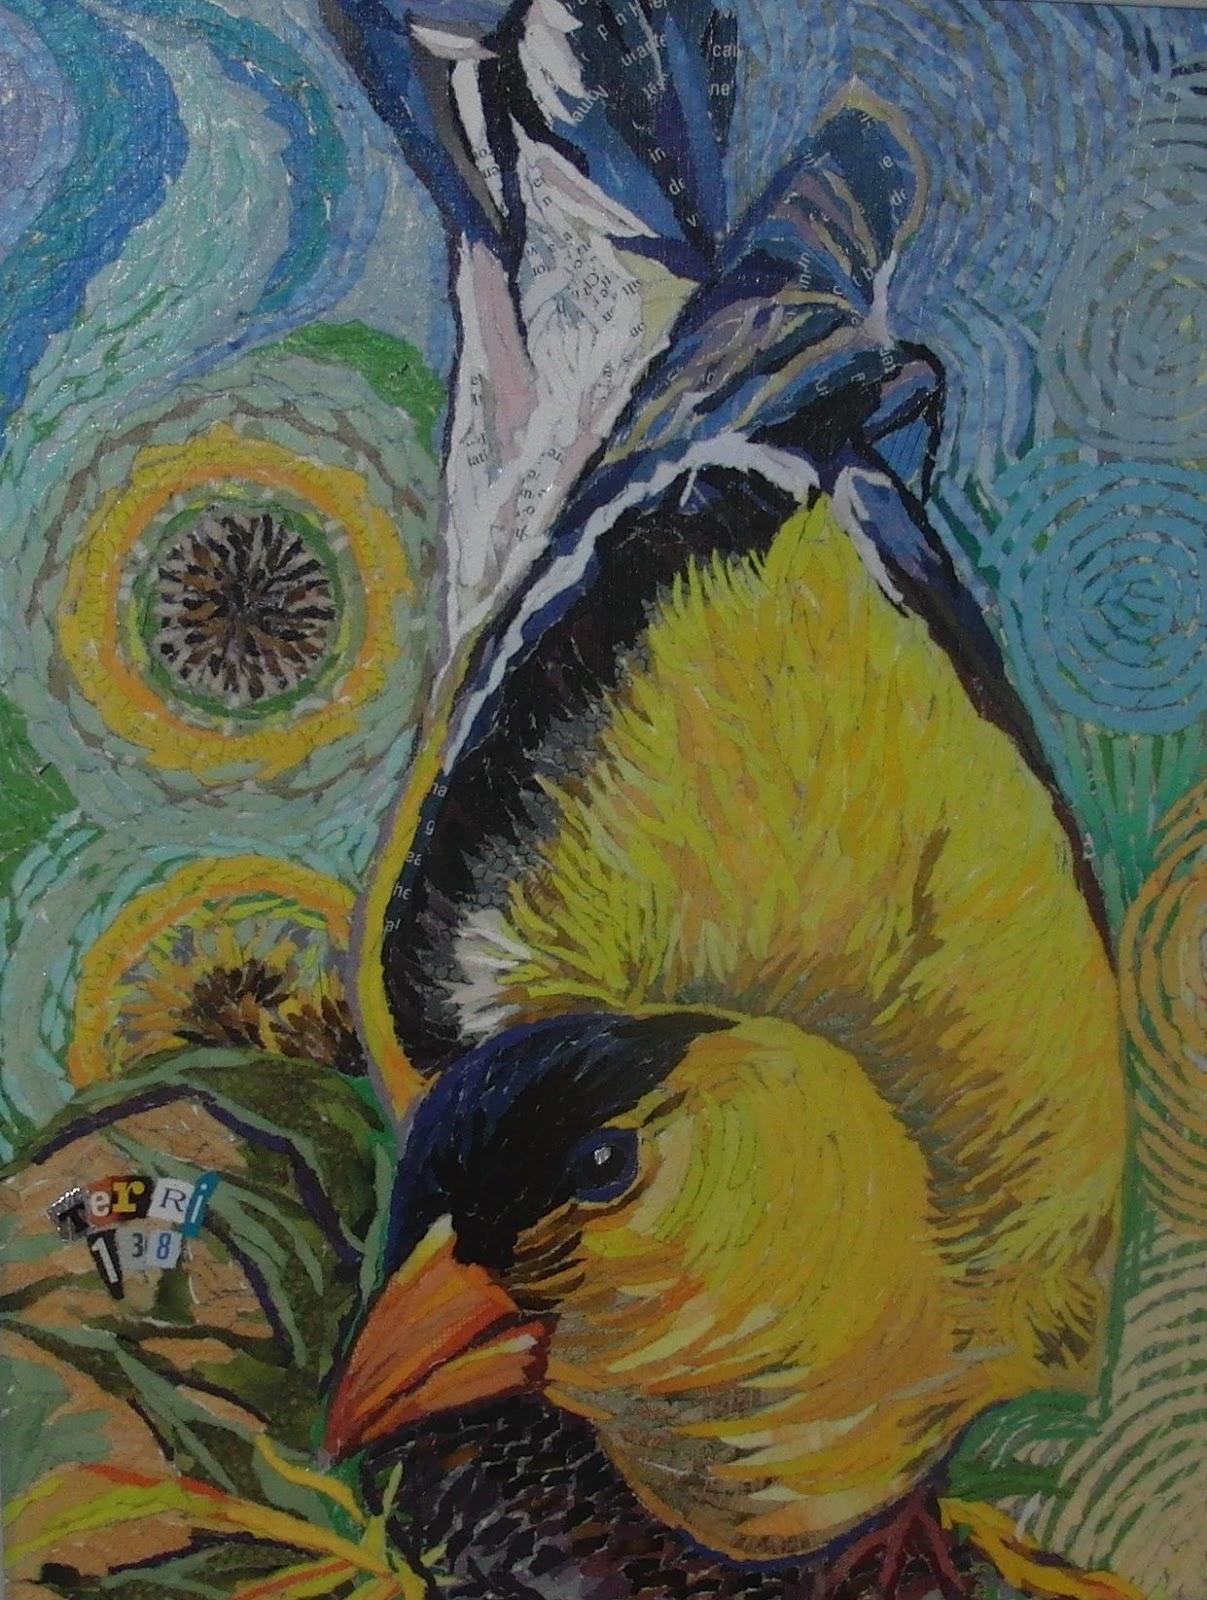 http://1.bp.blogspot.com/-u8eD5rbbaTY/UIpwwzK_weI/AAAAAAAAAdM/UtQy1_Ck-yE/s1600/Yellow+bird.jpg